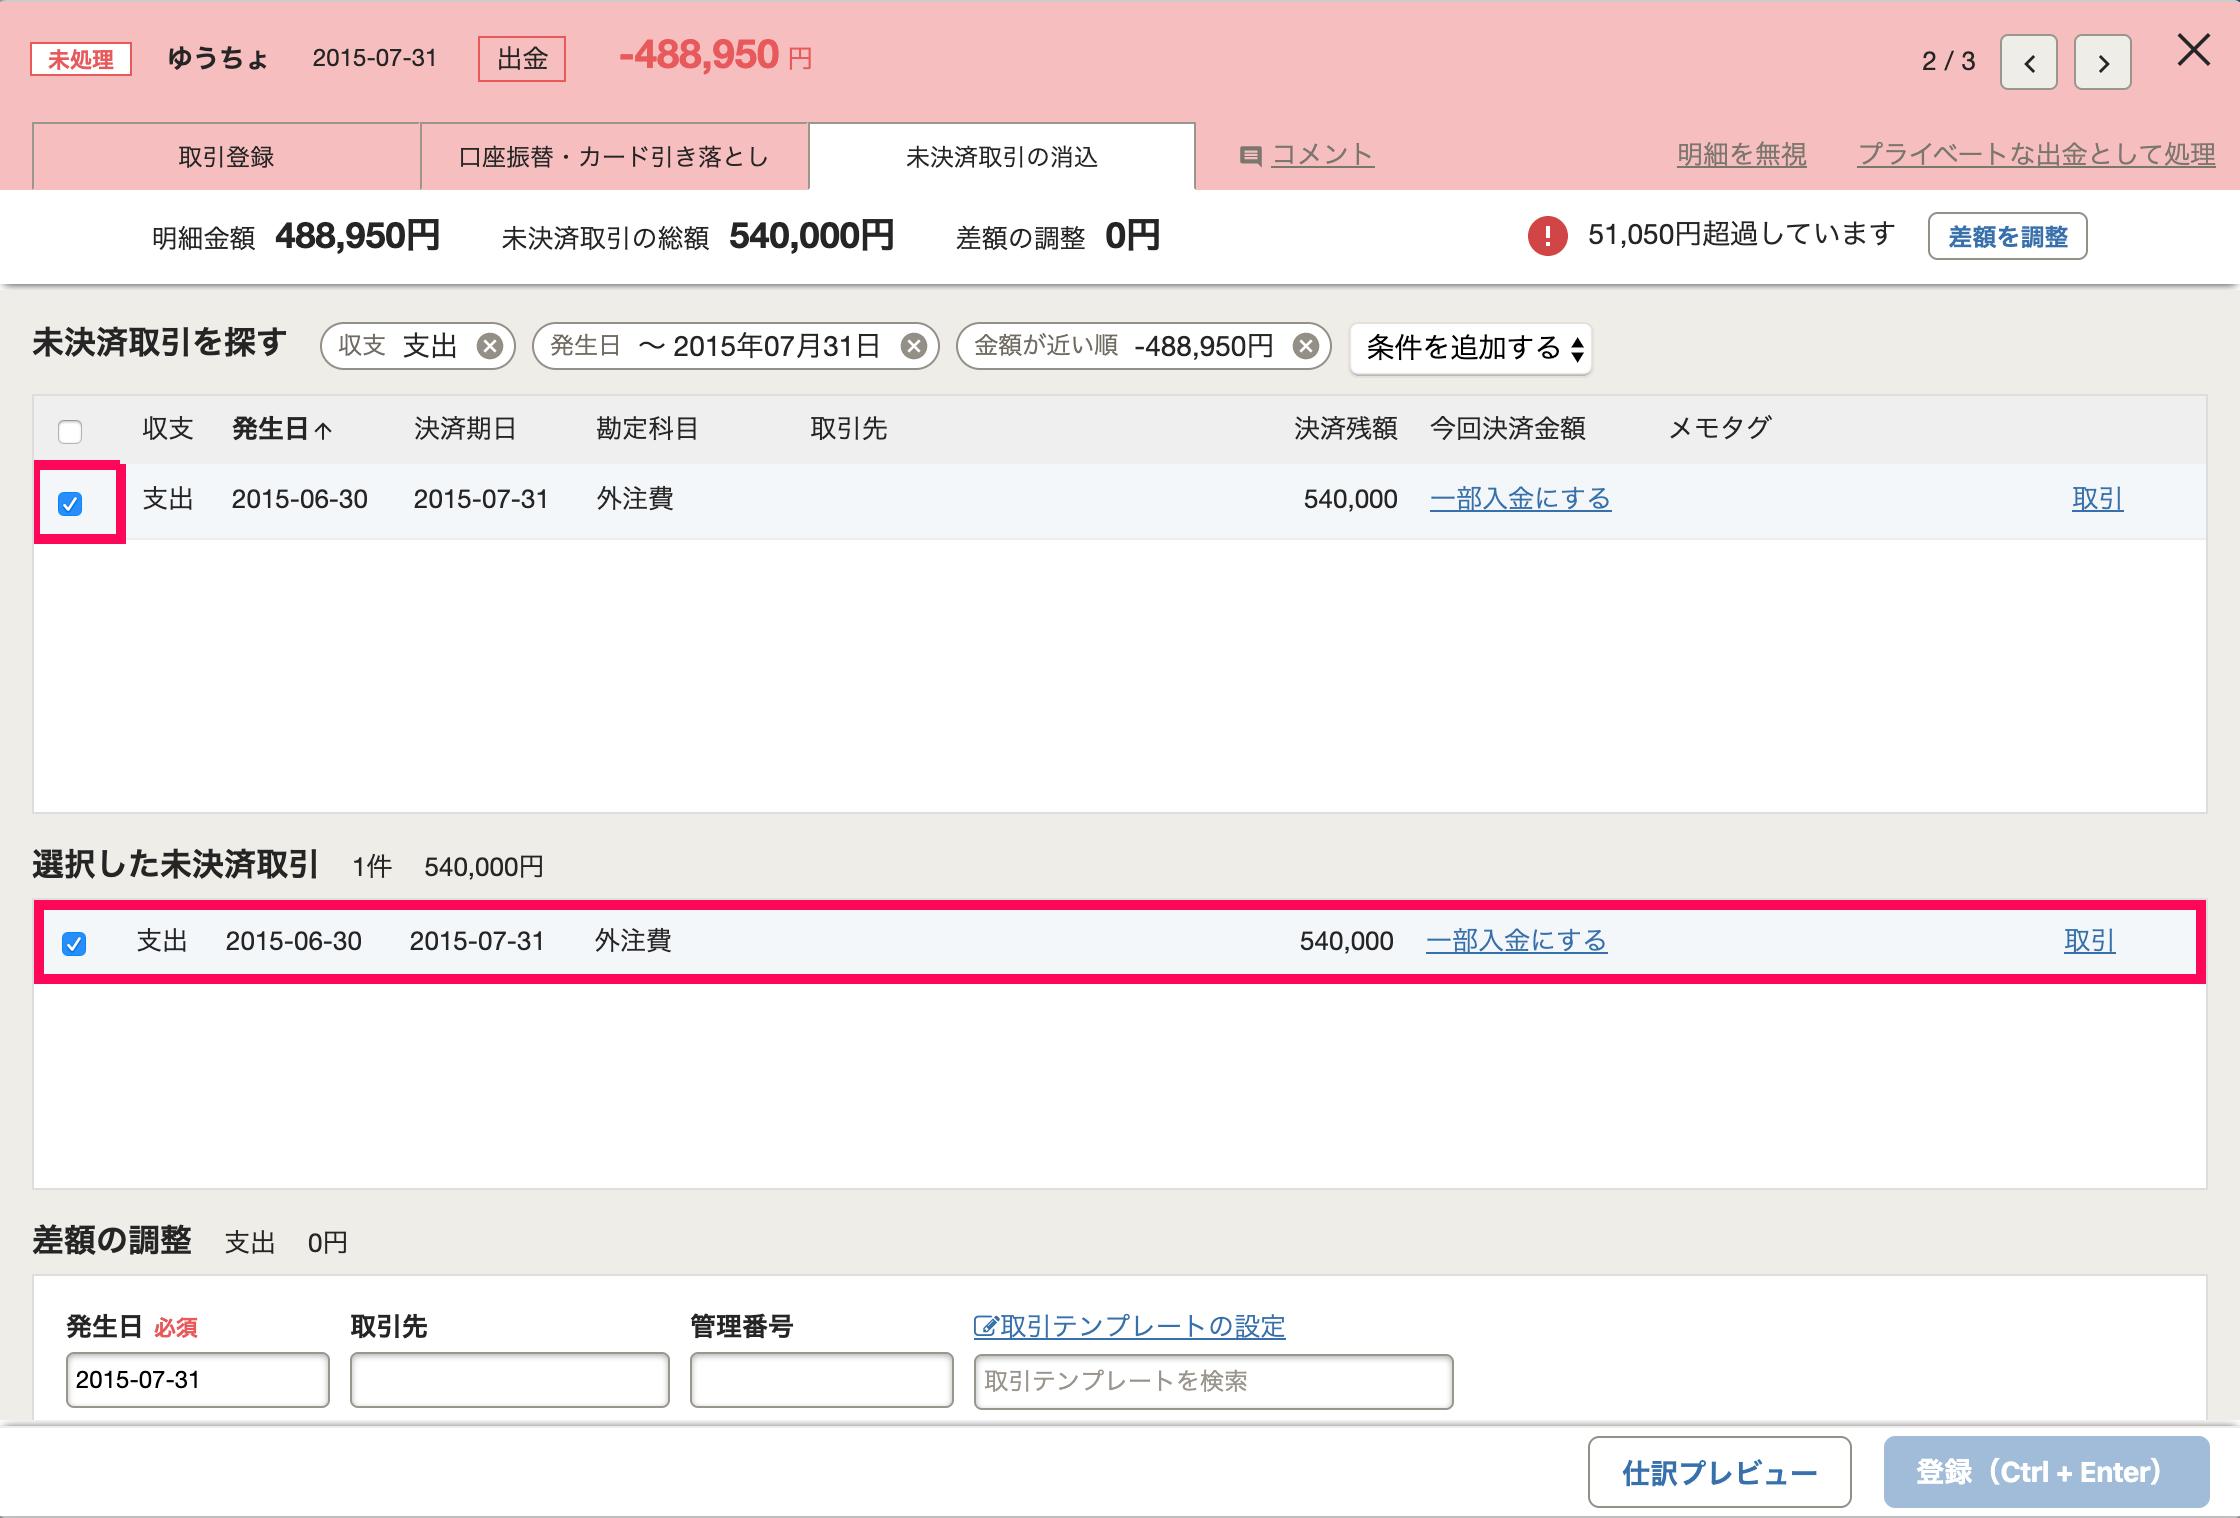 Screen_Shot_2020-03-02_at_17.26.10.png